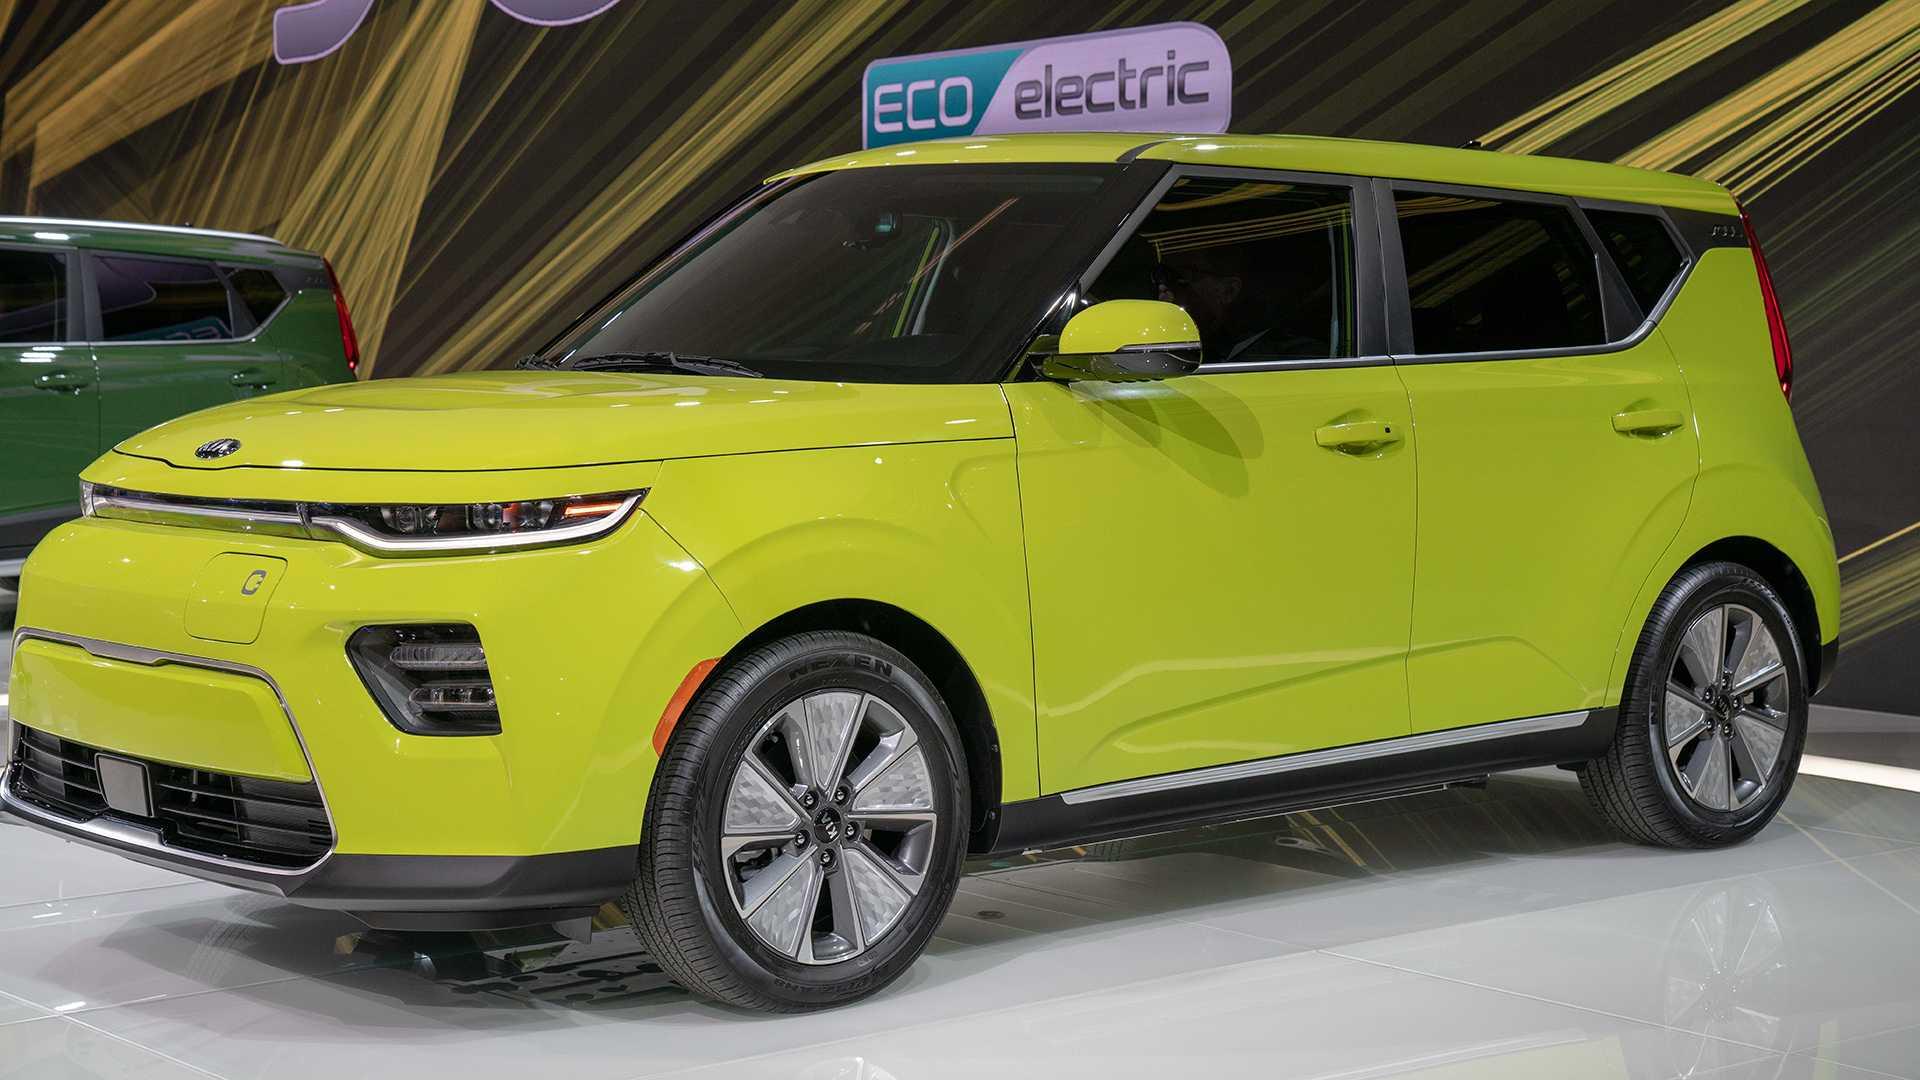 18 New Kia New Models 2020 Configurations for Kia New Models 2020